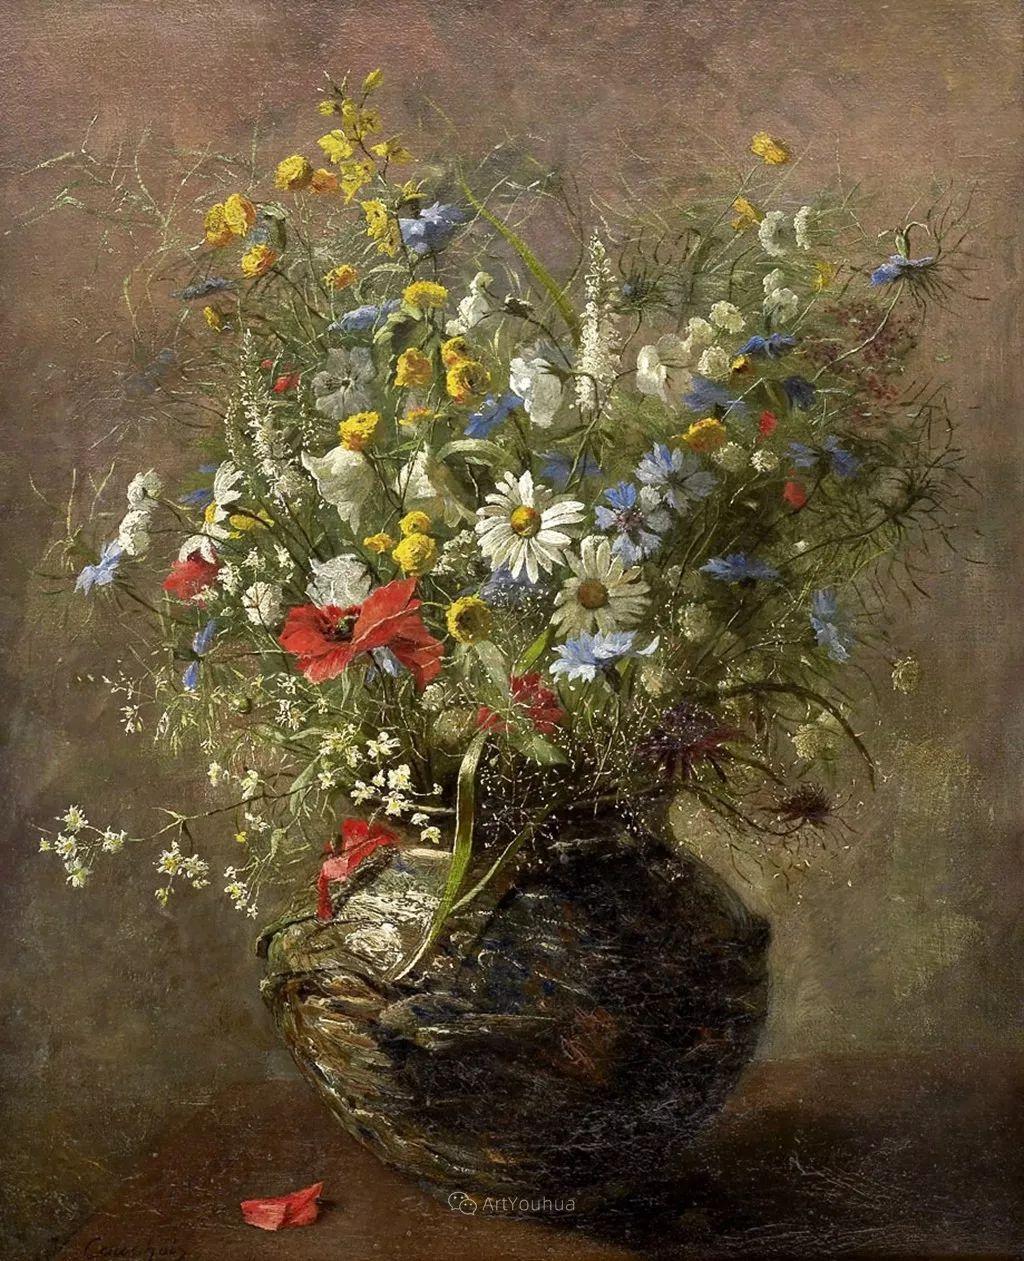 花卉的绽放之美,法国艺术家Eugene Henri Cauchois插图25